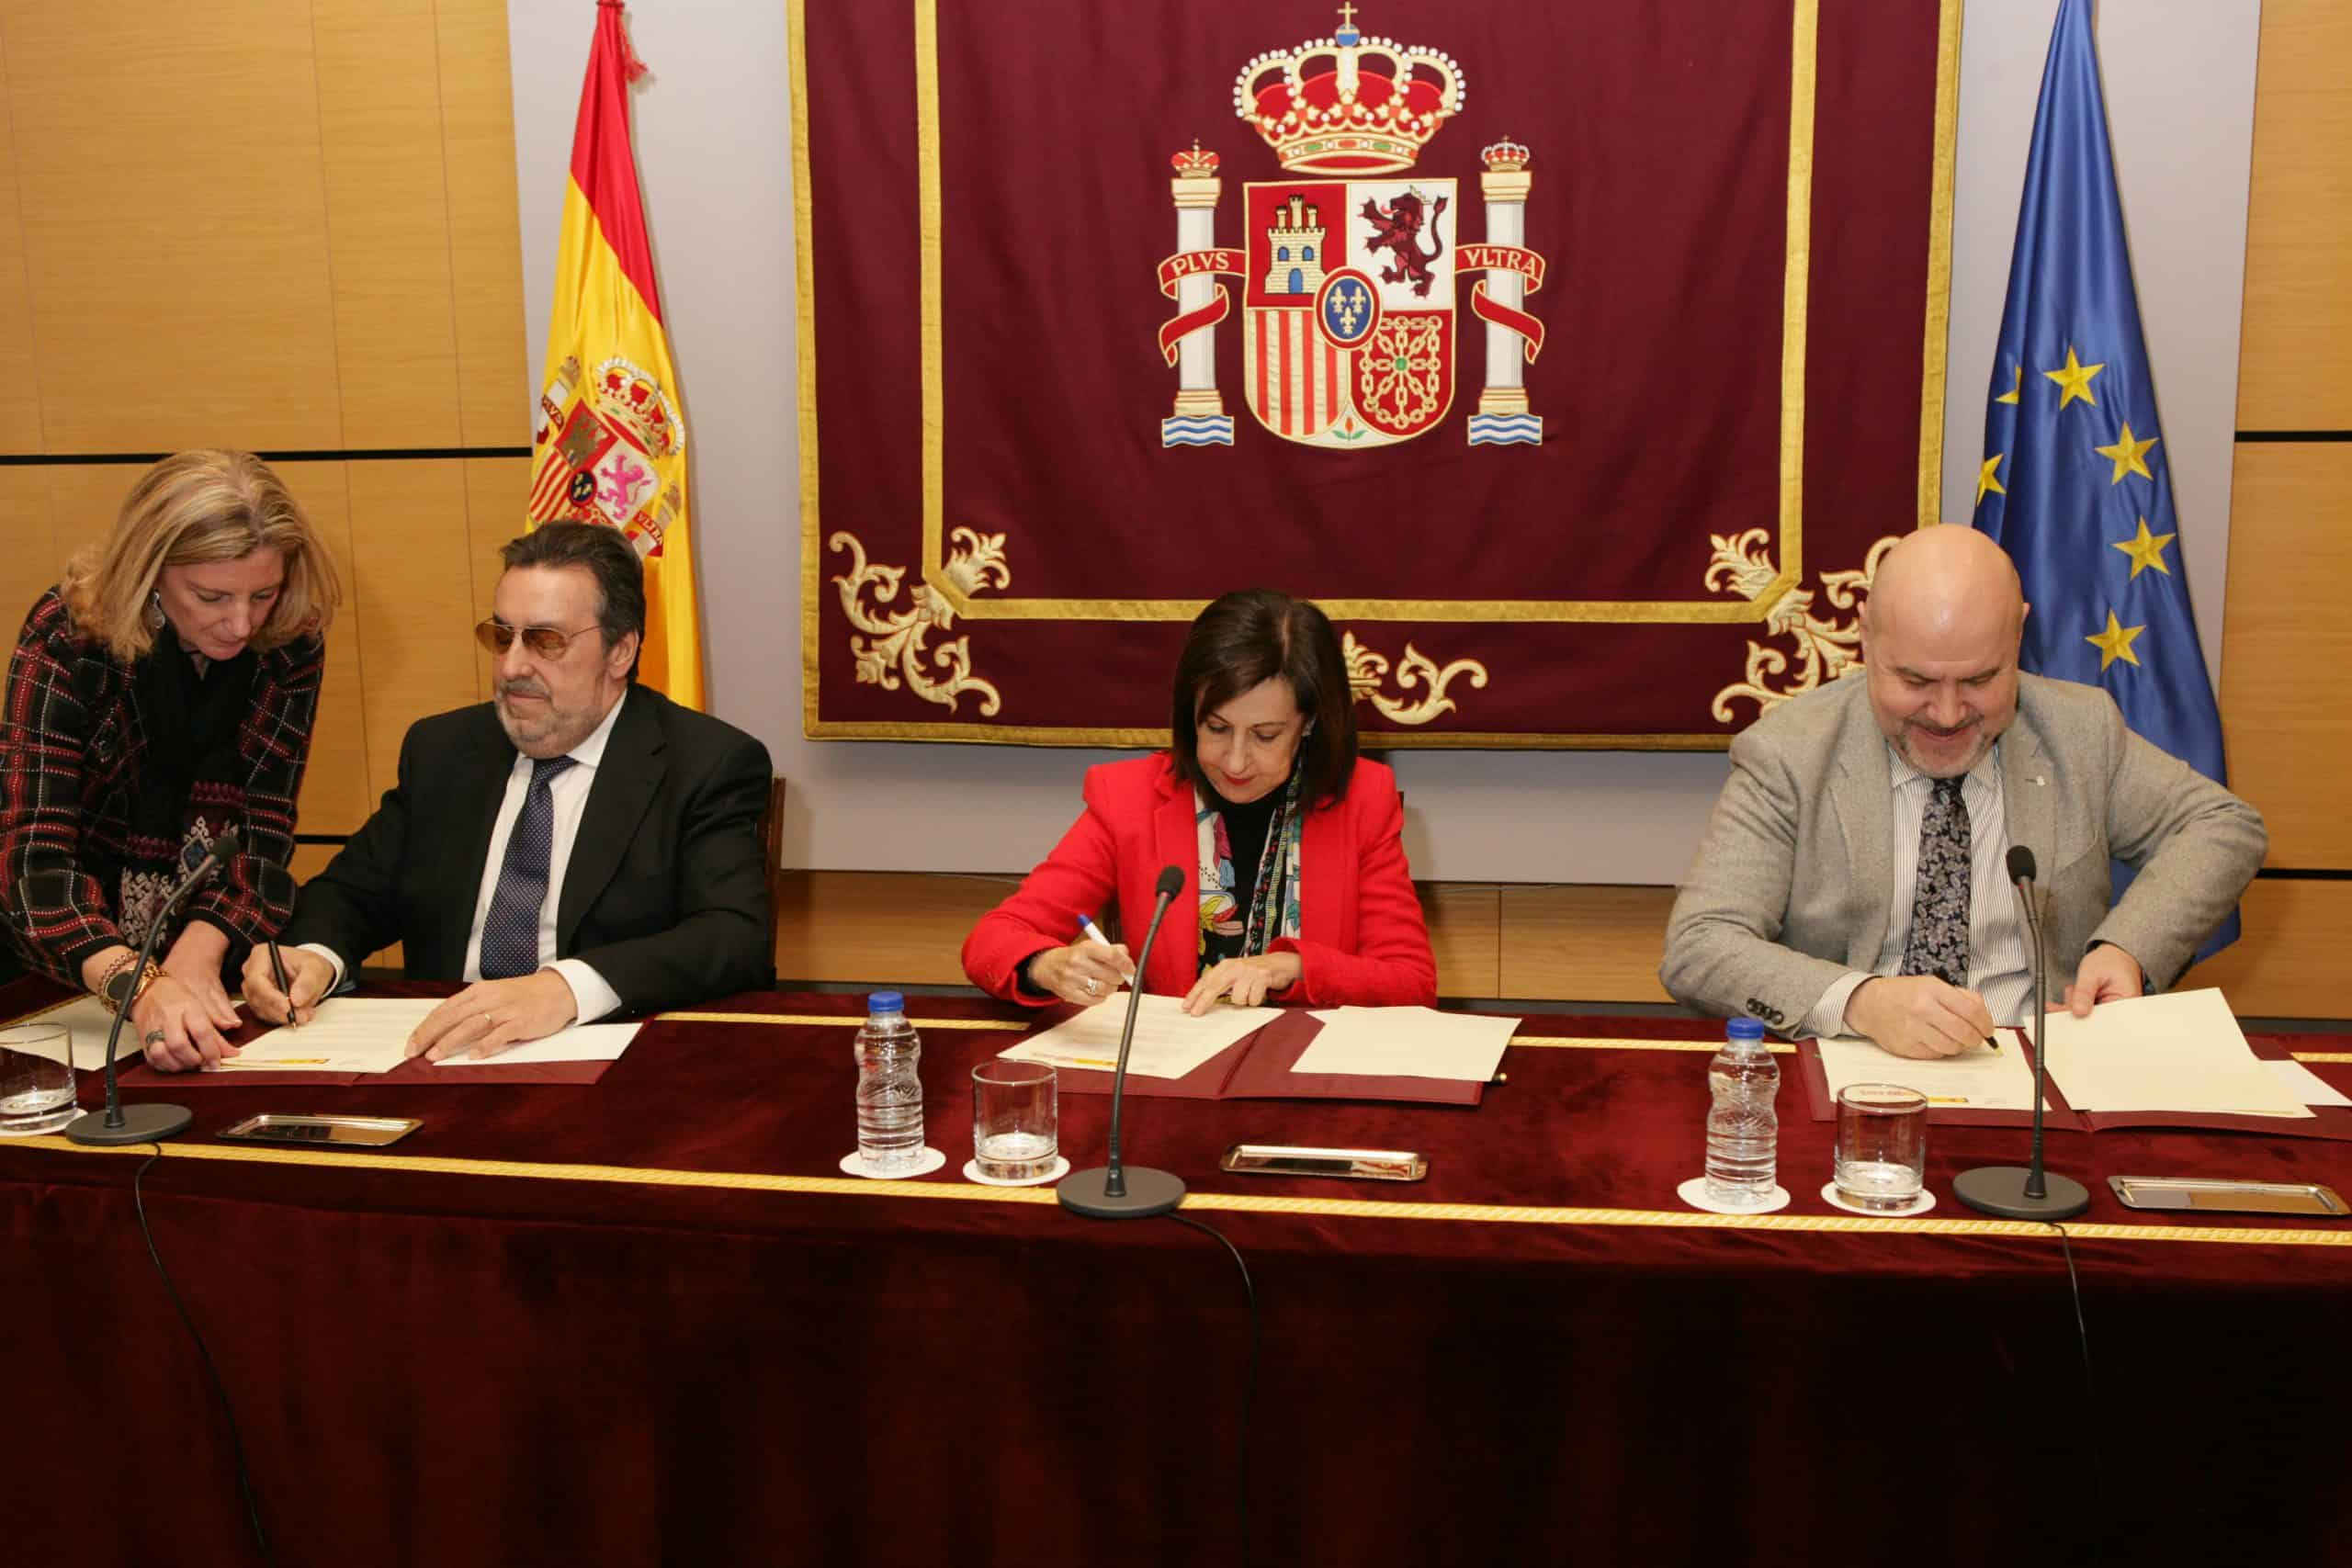 Momento firma de la Ministra de Defensa y presidente de Fundación ONCE y CERMI